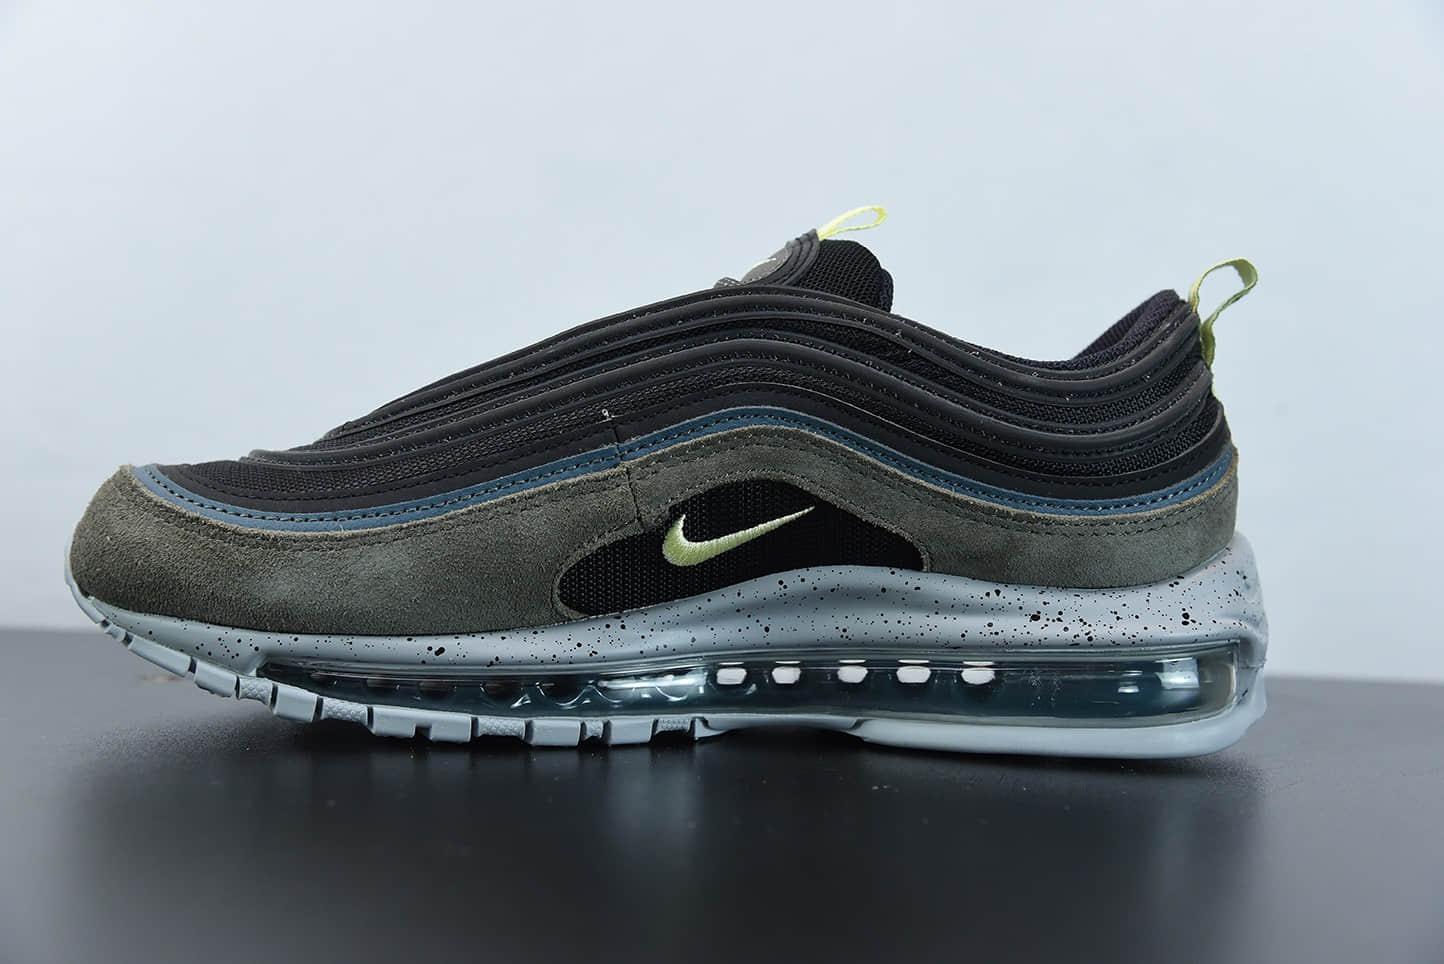 耐克Nike Air Max 97 黑绿配色子弹全掌气垫复古运动鞋纯原版本 货号:DB4611-001